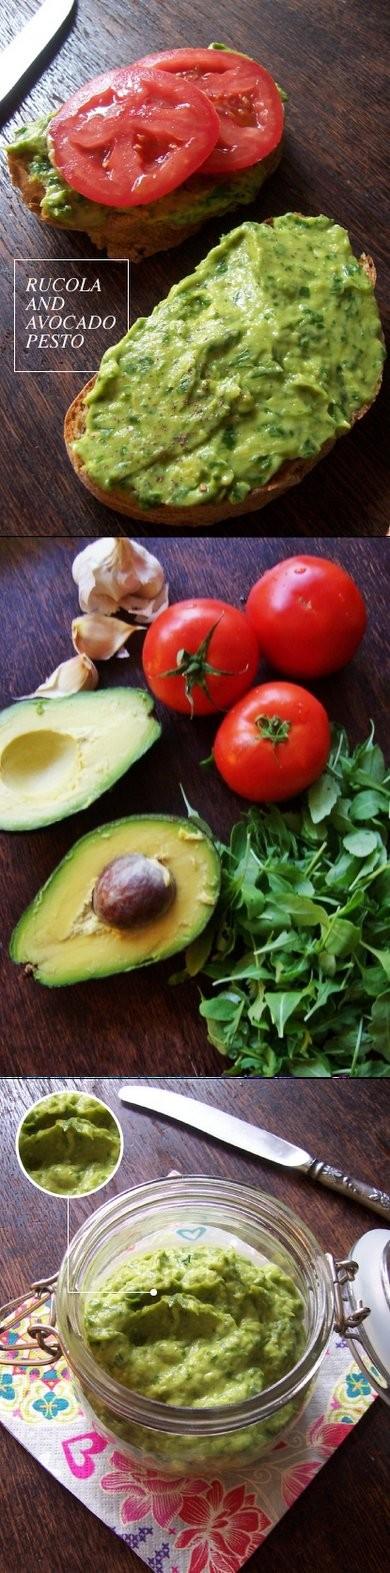 Pasta z avocado